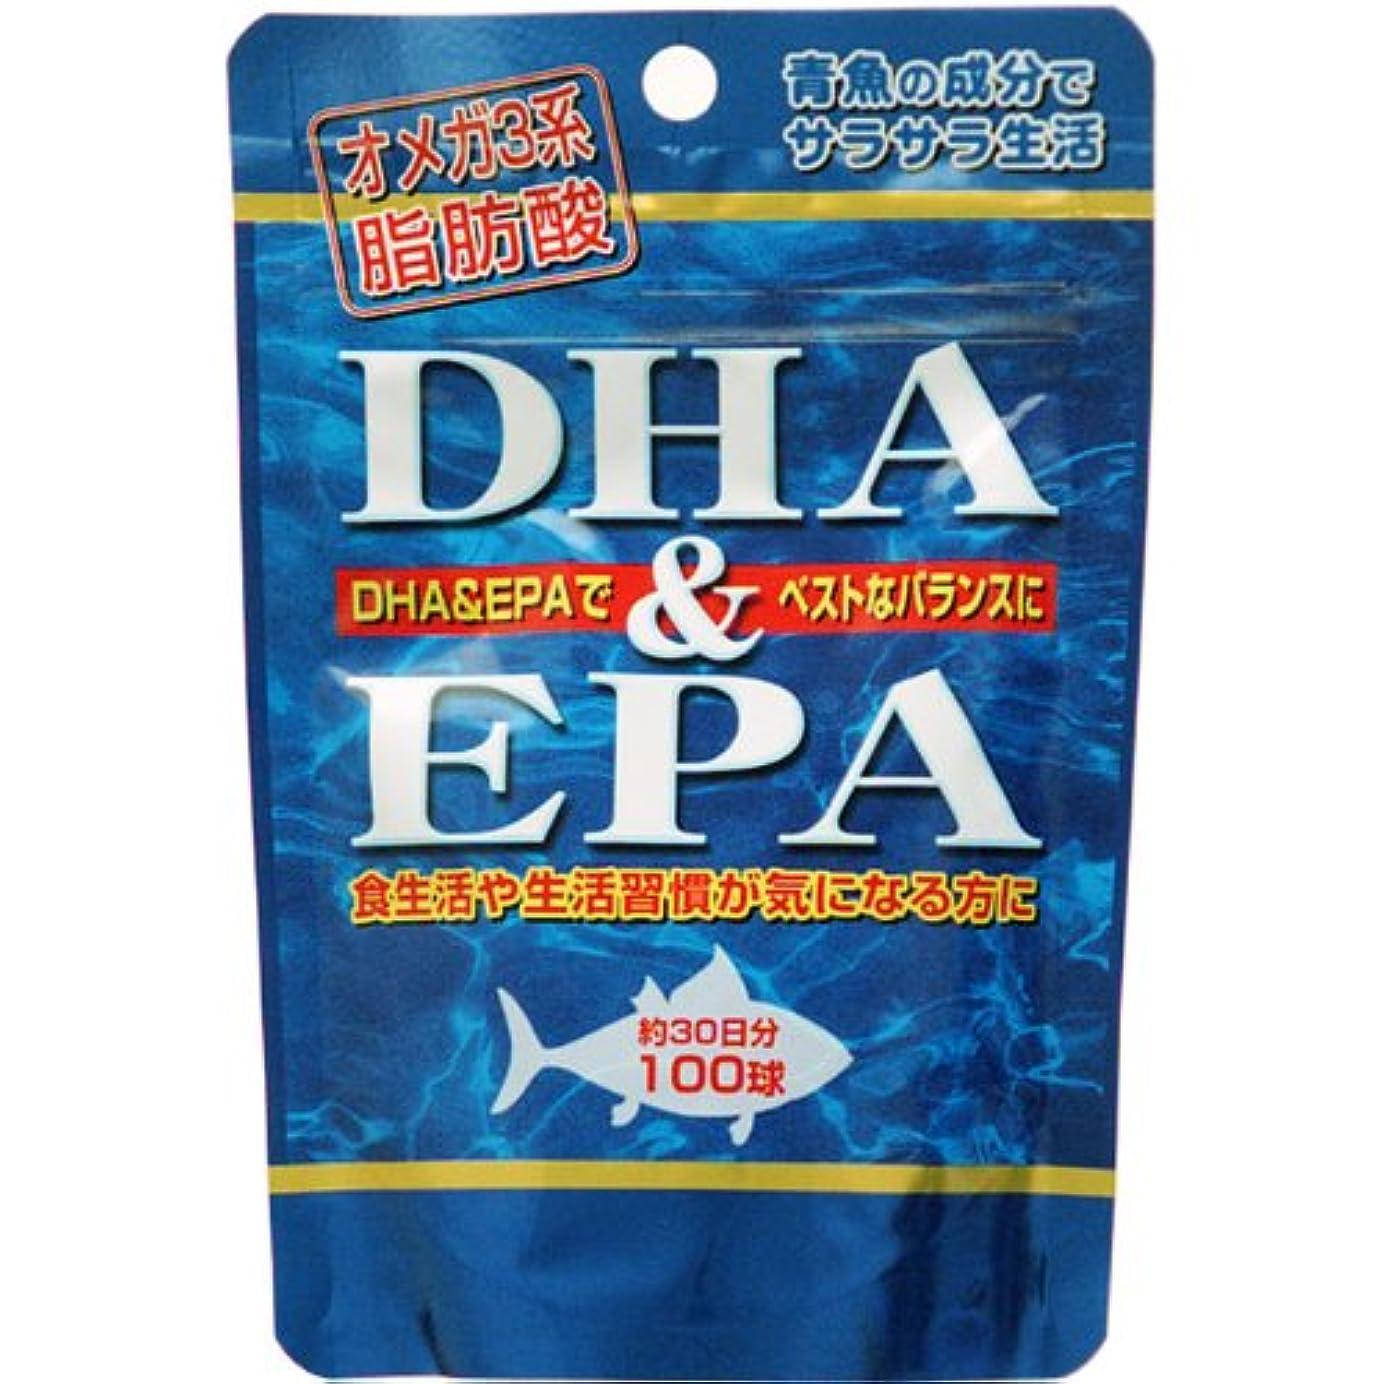 子監査専制DHA(ドコサヘキサエン酸)&EPA(エイコサペンタエン酸)×4